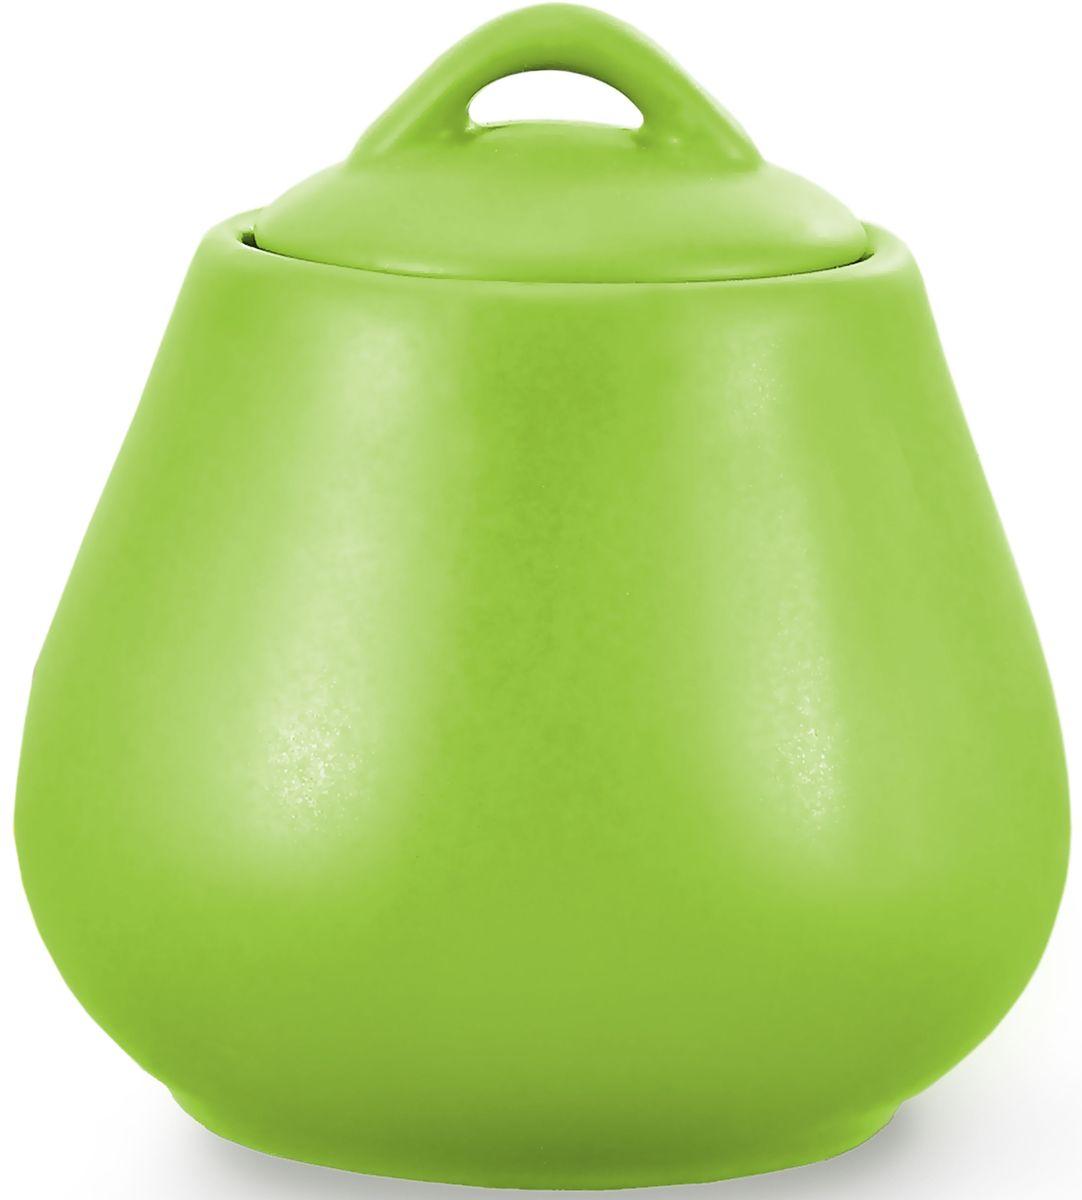 Сахарница Fissman, цвет: зеленый, 600 мл. 9332 цена